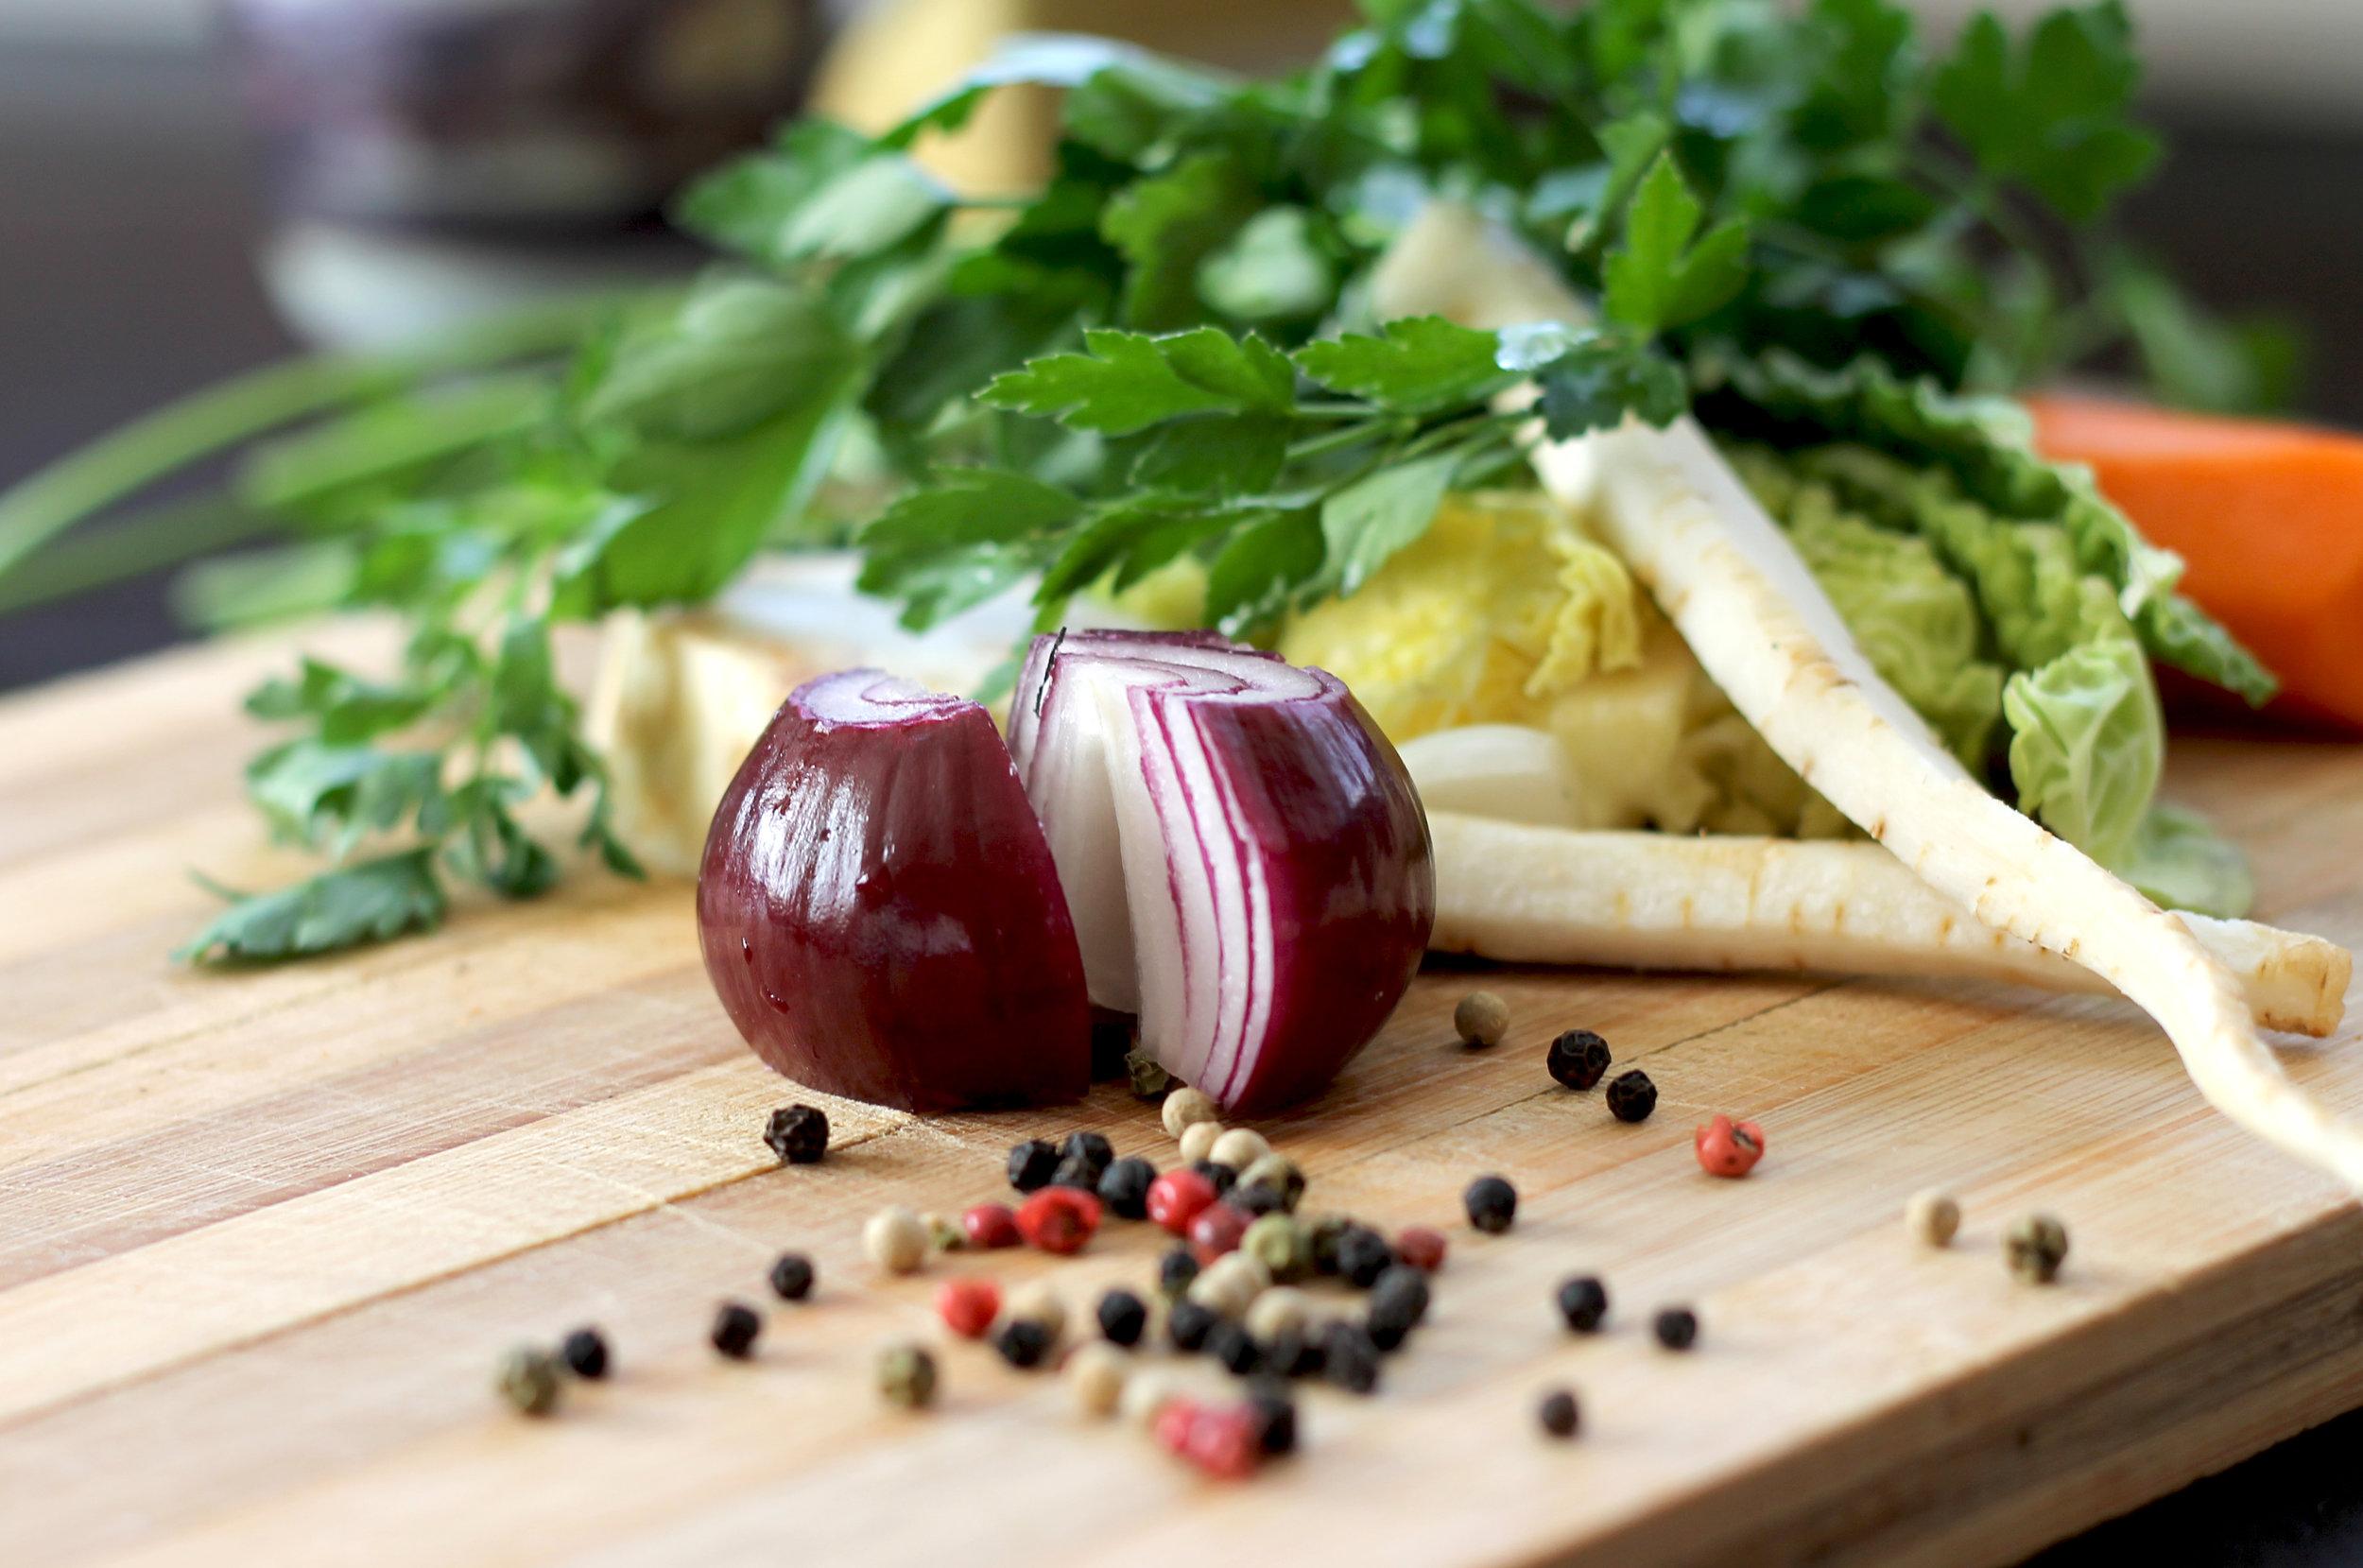 onion on chopping board